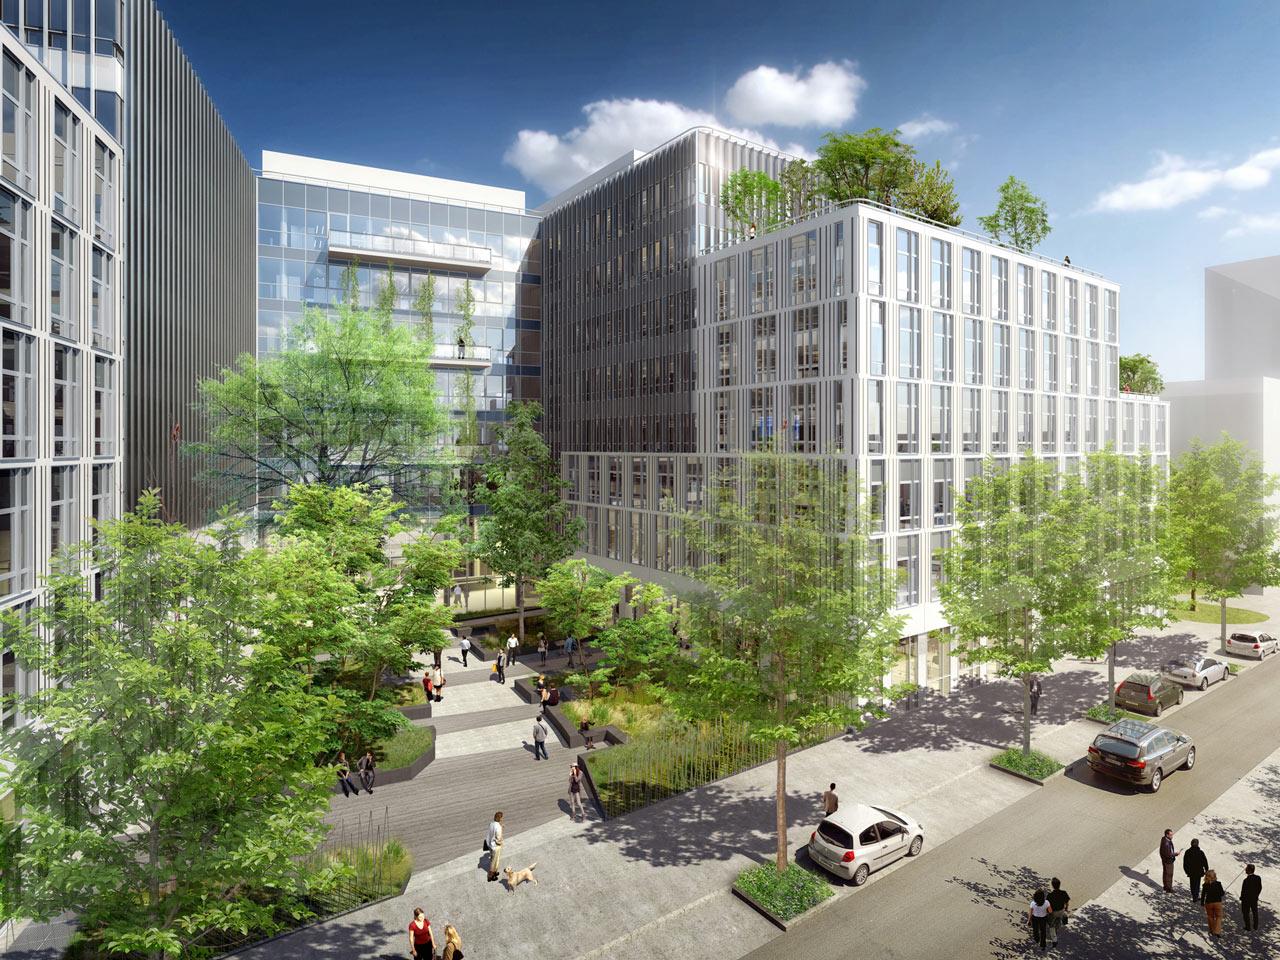 osmose-arcueil-architecture-architecture-interieure-paysage-bureaux-arte-charpentier-architectes